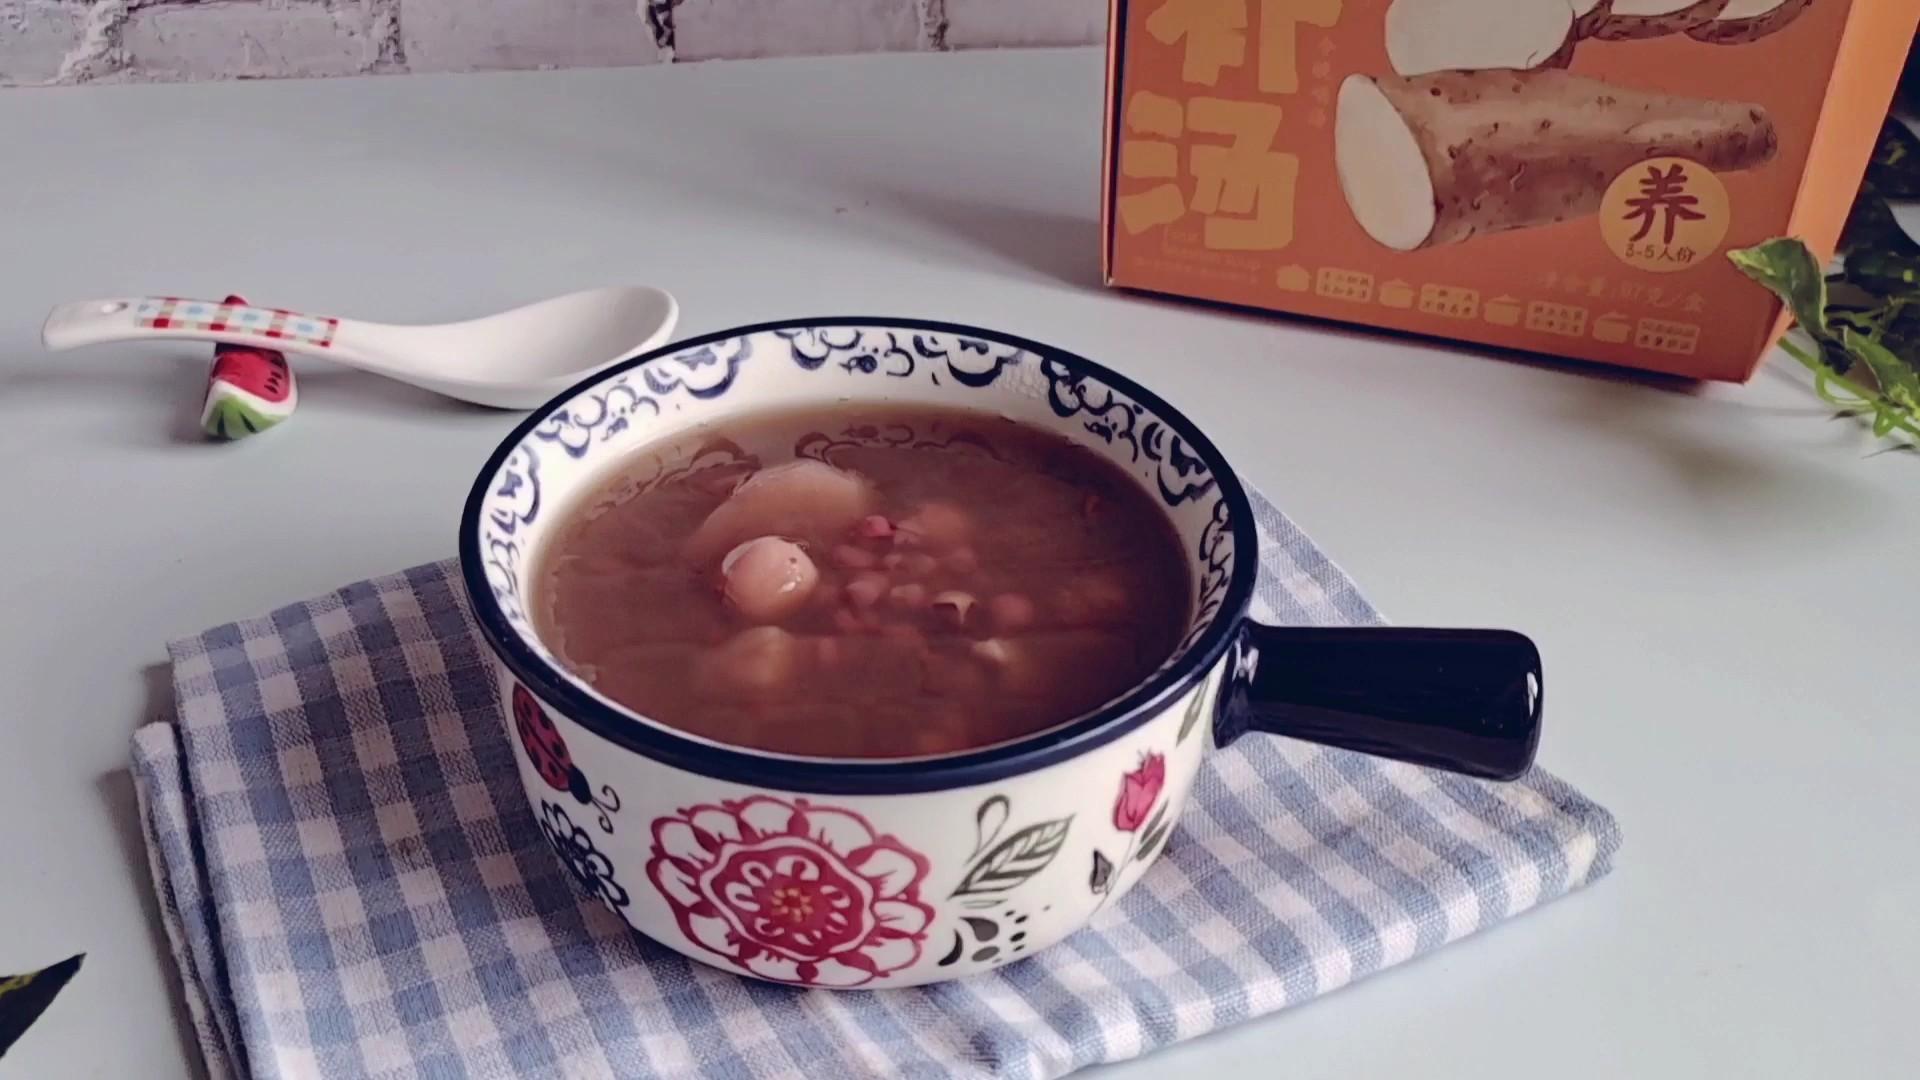 夏日祛湿这样喝…红豆薏米山药汤的做法